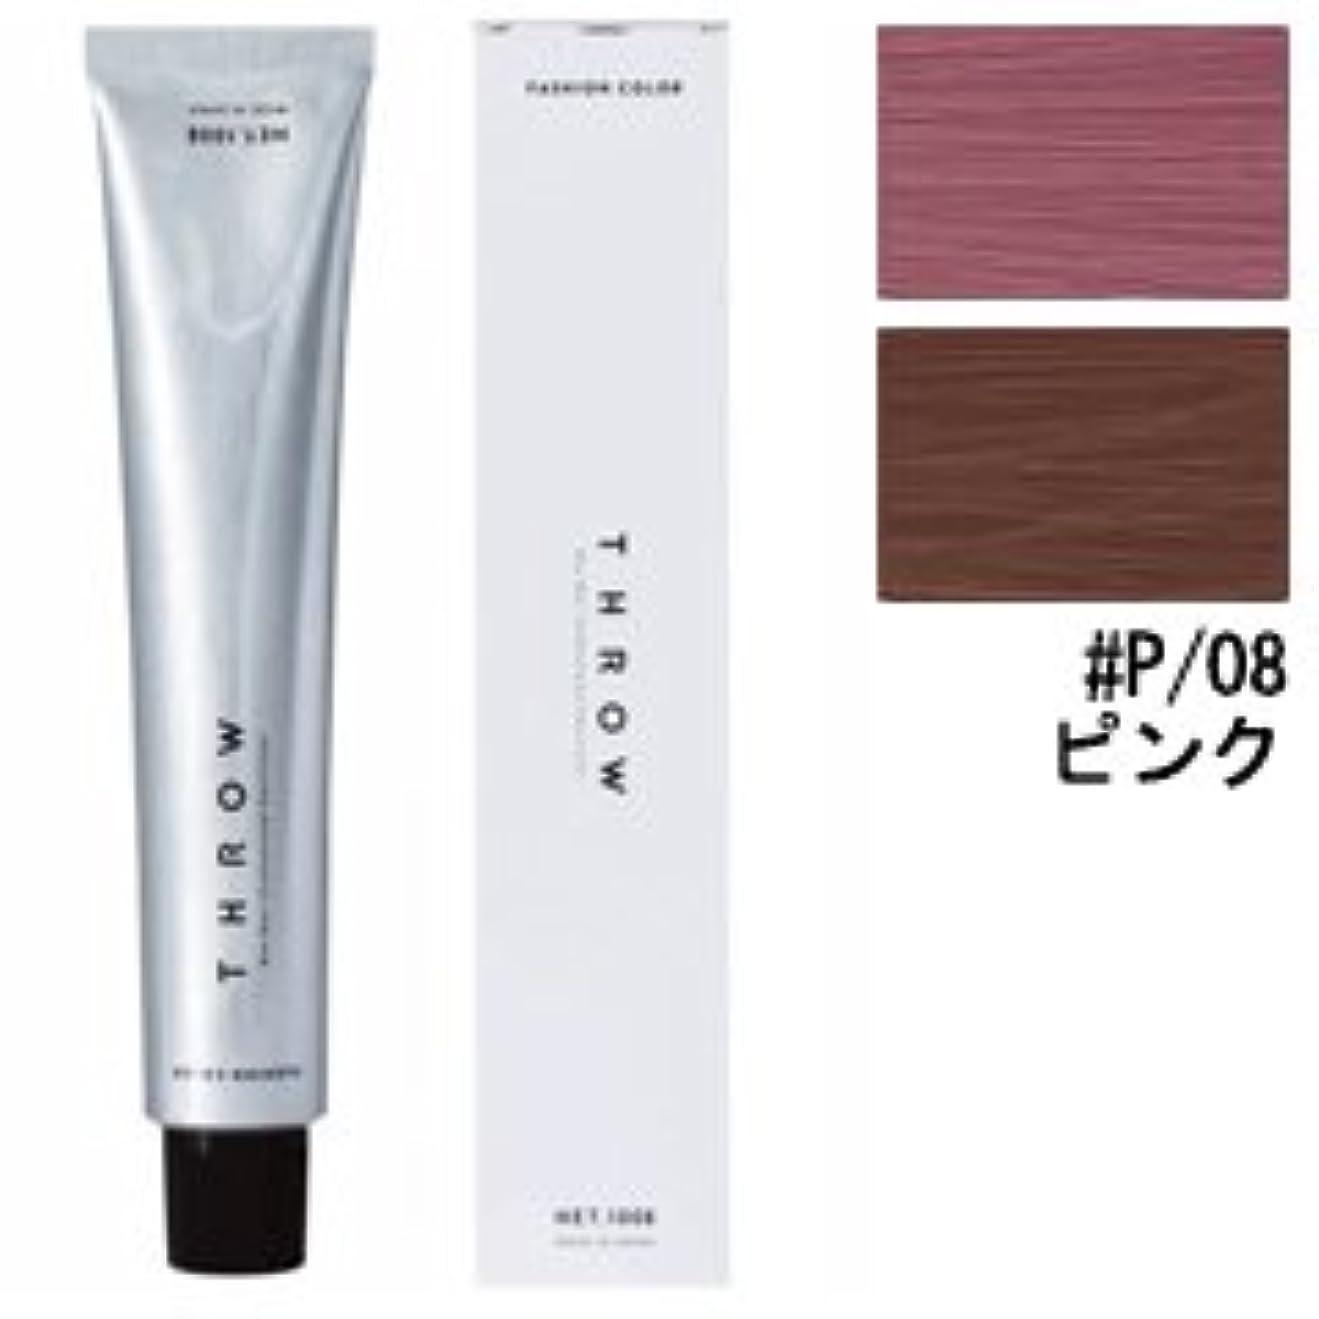 時間厳守デコレーション期間【モルトベーネ】スロウ ファッションカラー #P/08 ピンク 100g